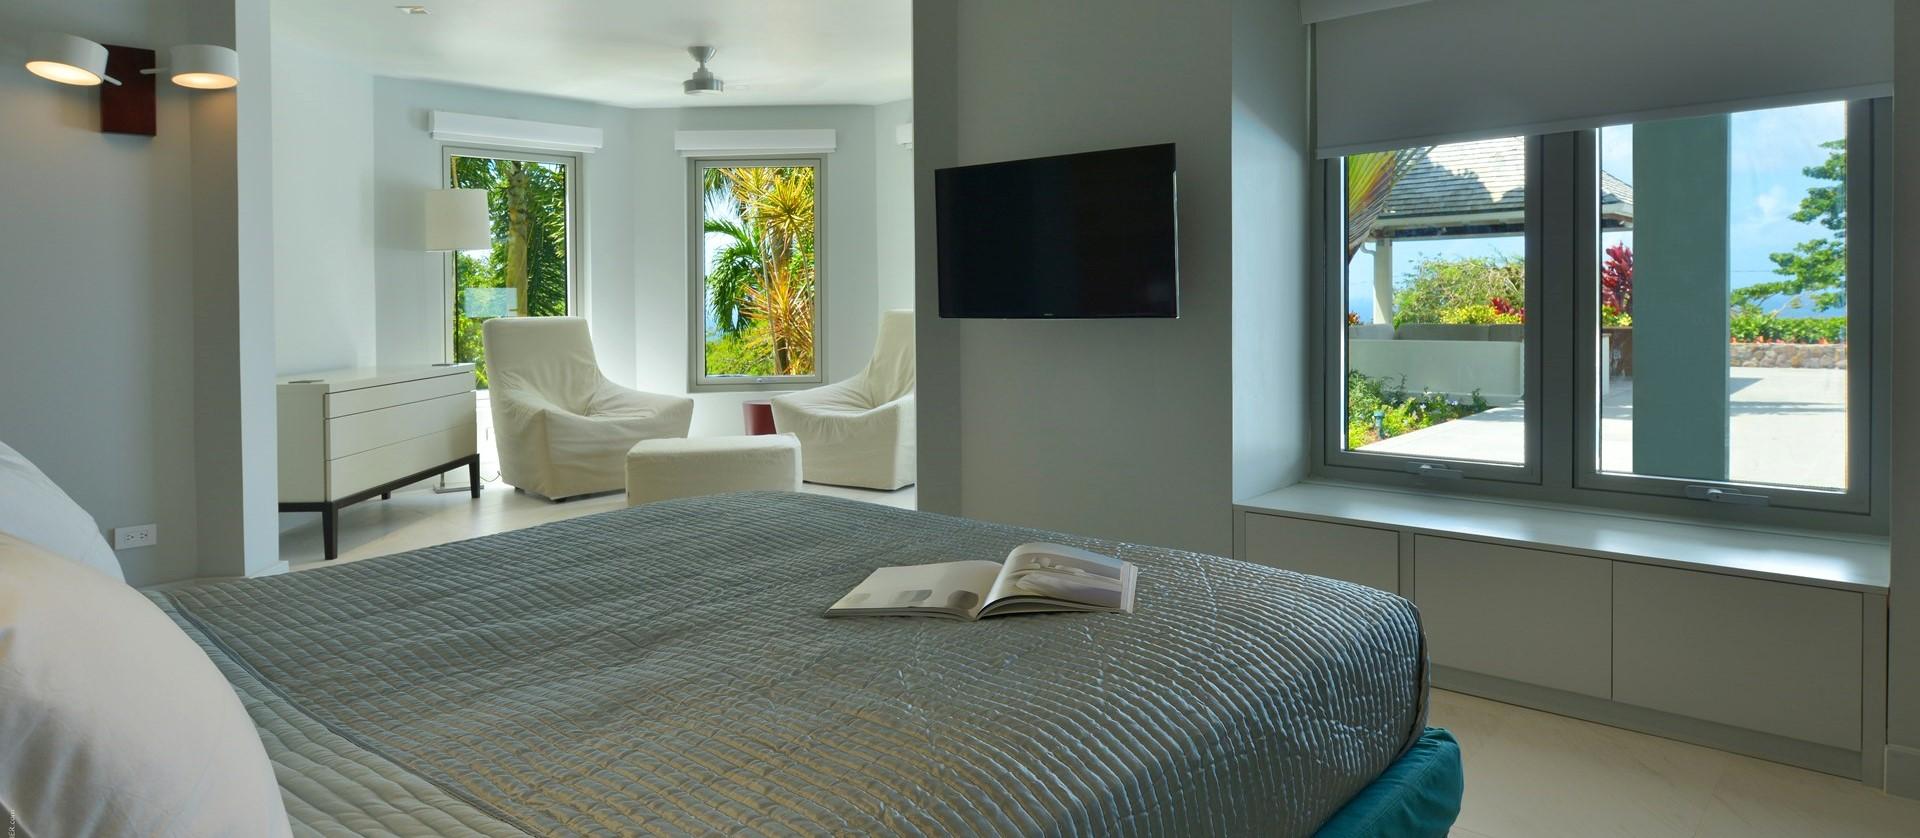 retreat-villa-nevis-bedroom-suite-2